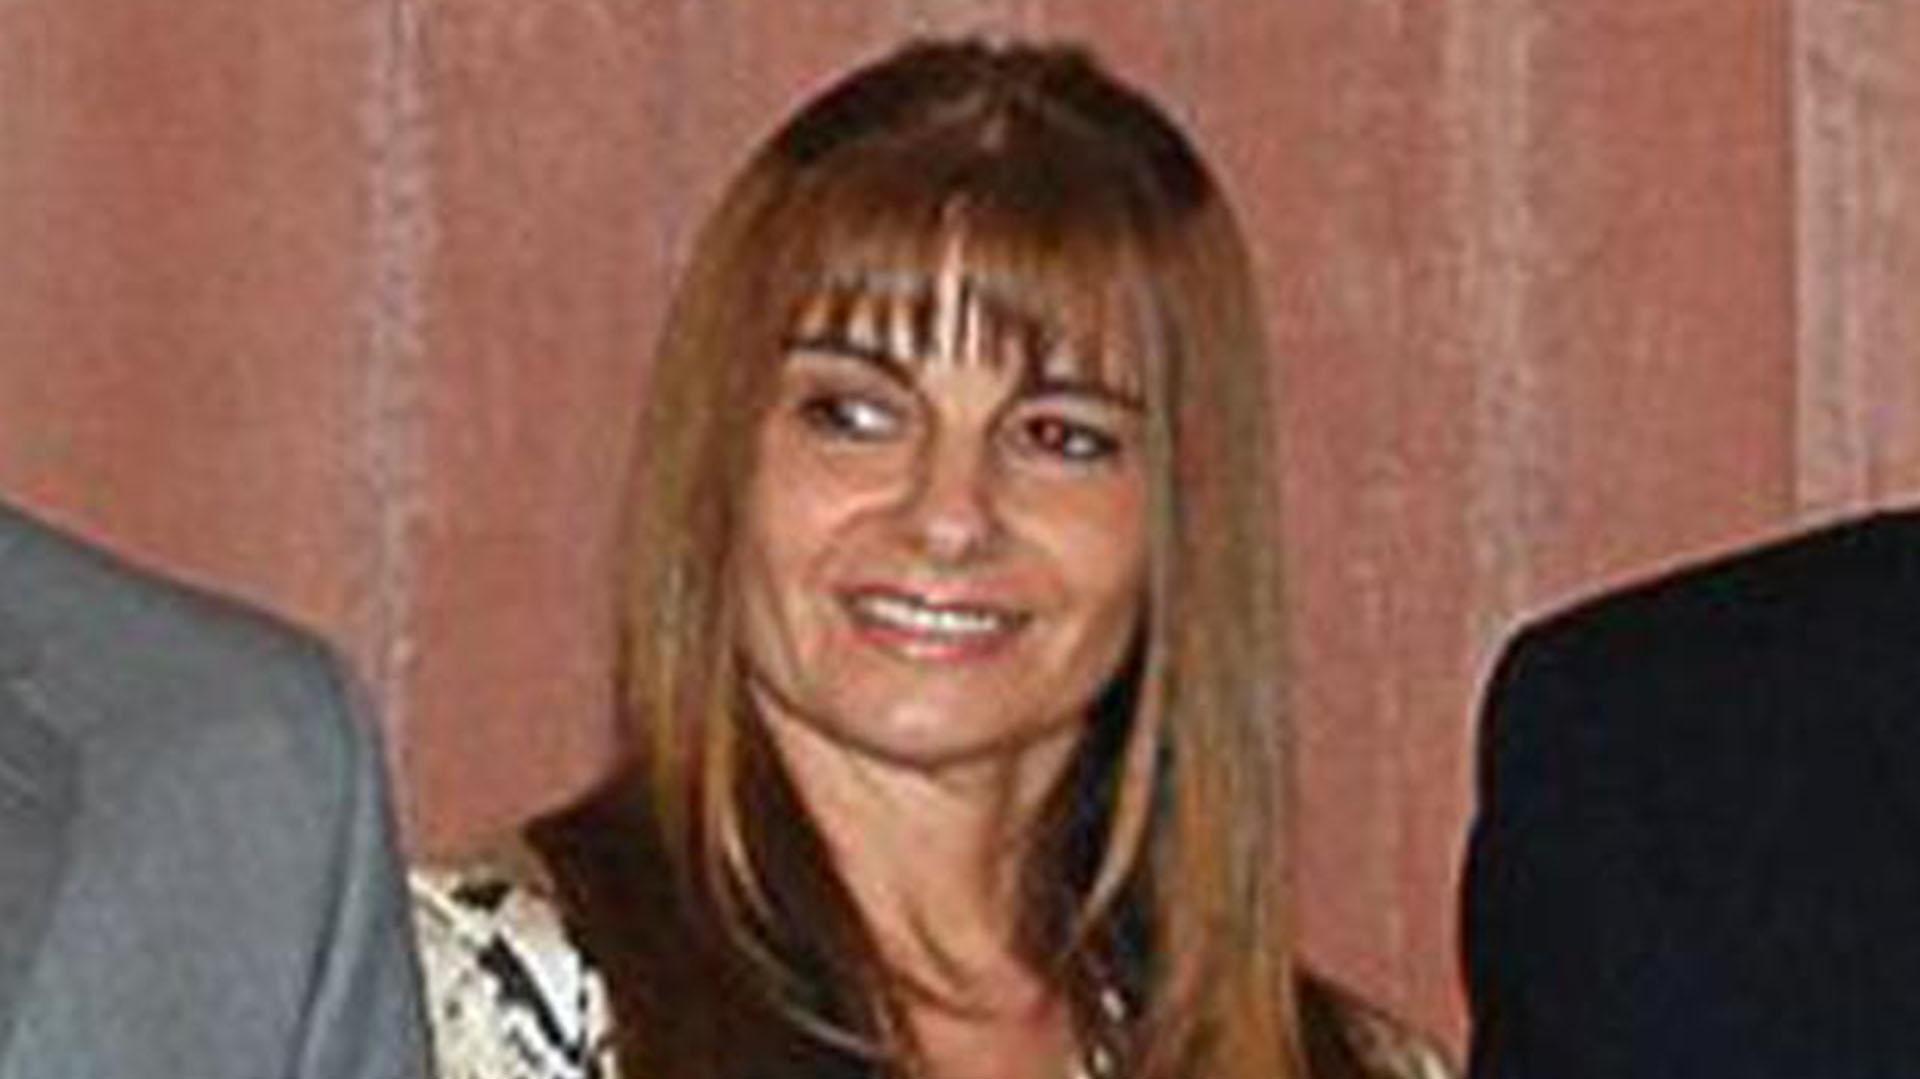 La juezaAdriana Pallioti